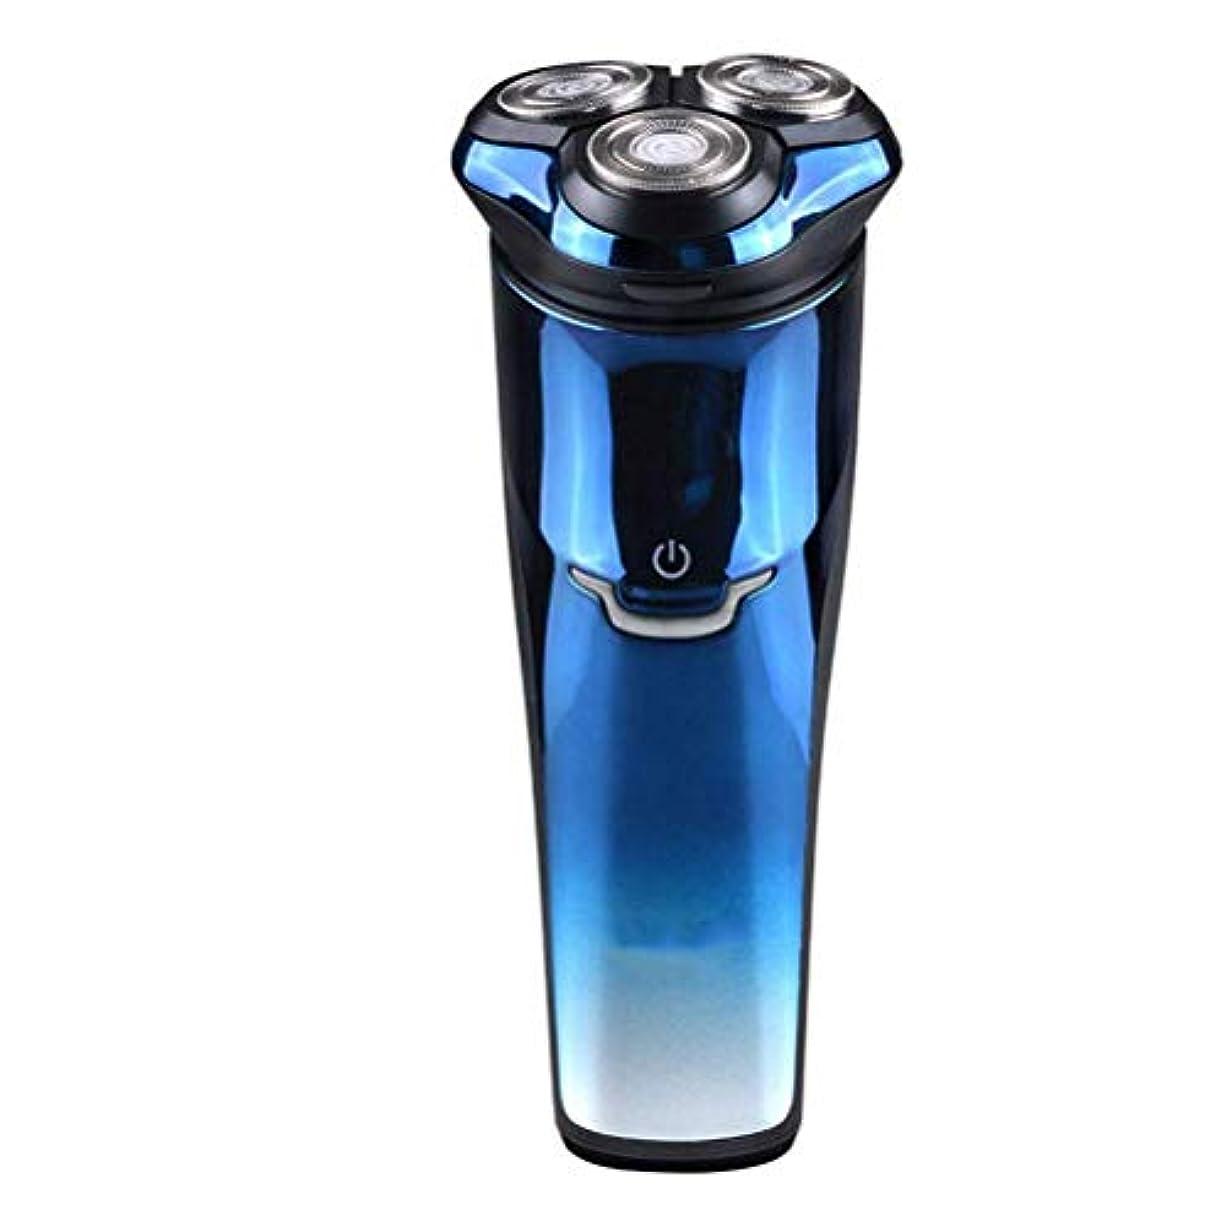 アブセイふりをするスリーブポップアップトリマー、男性用充電式かみそり、防水コードレストリマー、インテリジェント両面フローティングを備えたウェット&ドライメンズ電気シェーバー